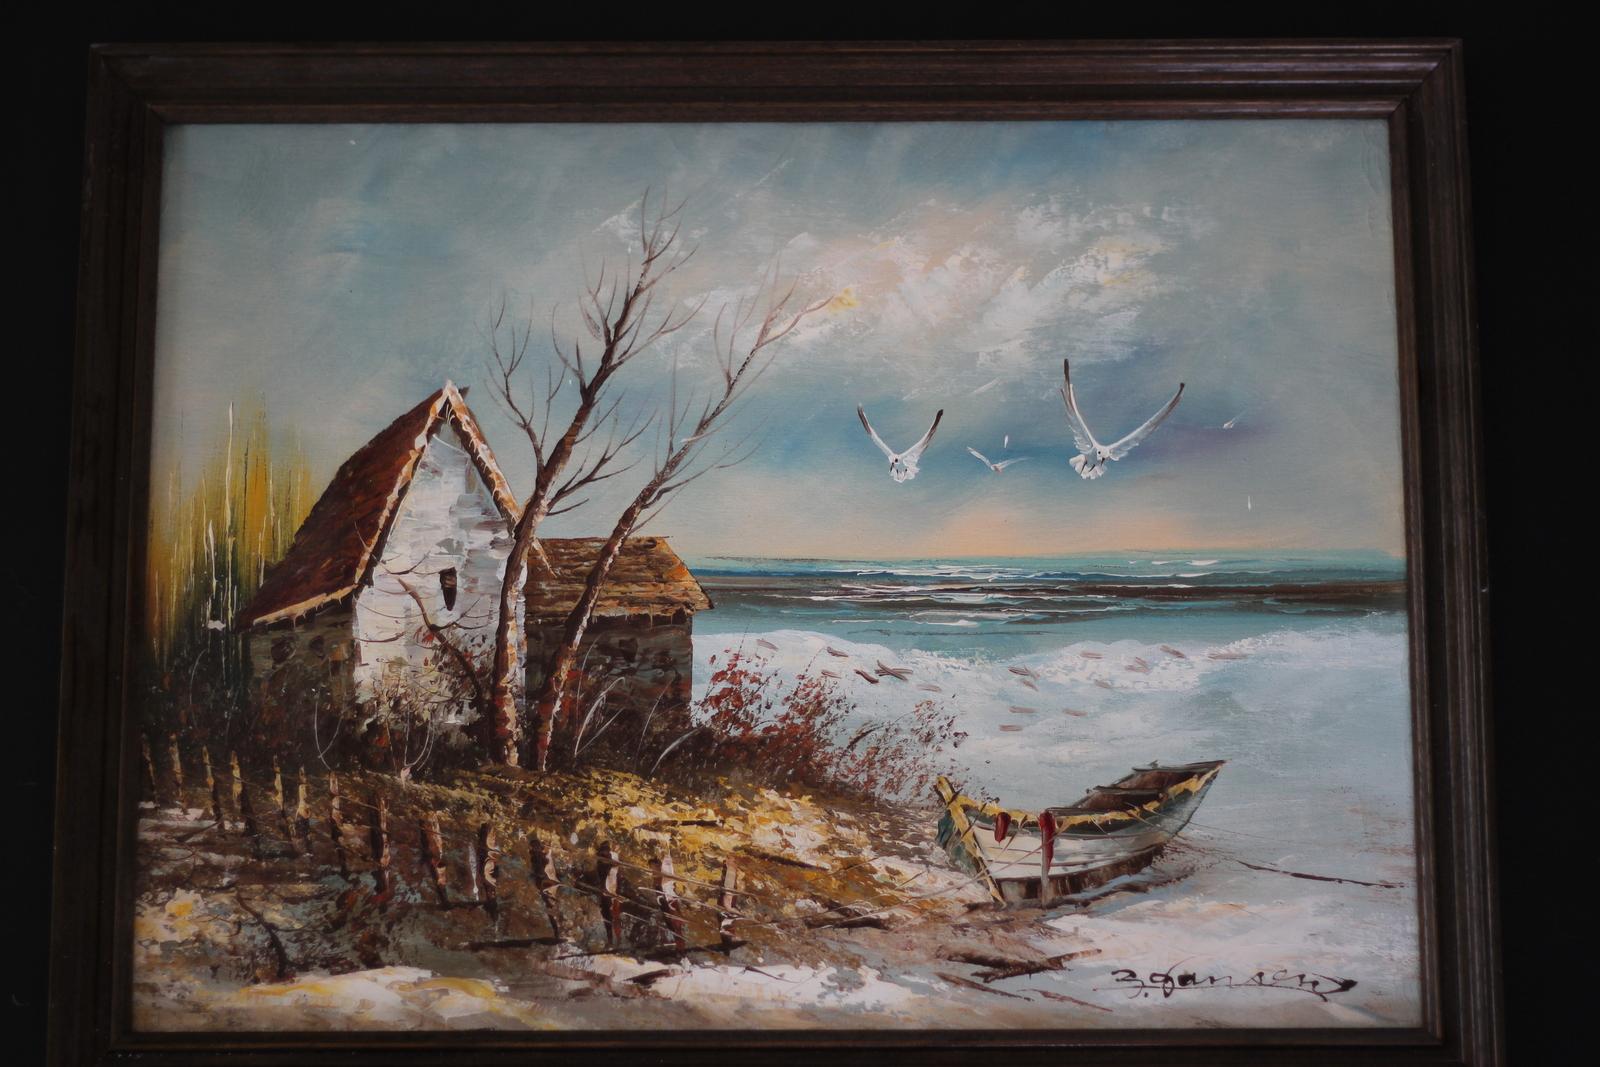 מצאתי במחסן ציור שלא היו לי כלפיו סנטימנטים ולא היה לי קשה להתחיל לצבוע אותו